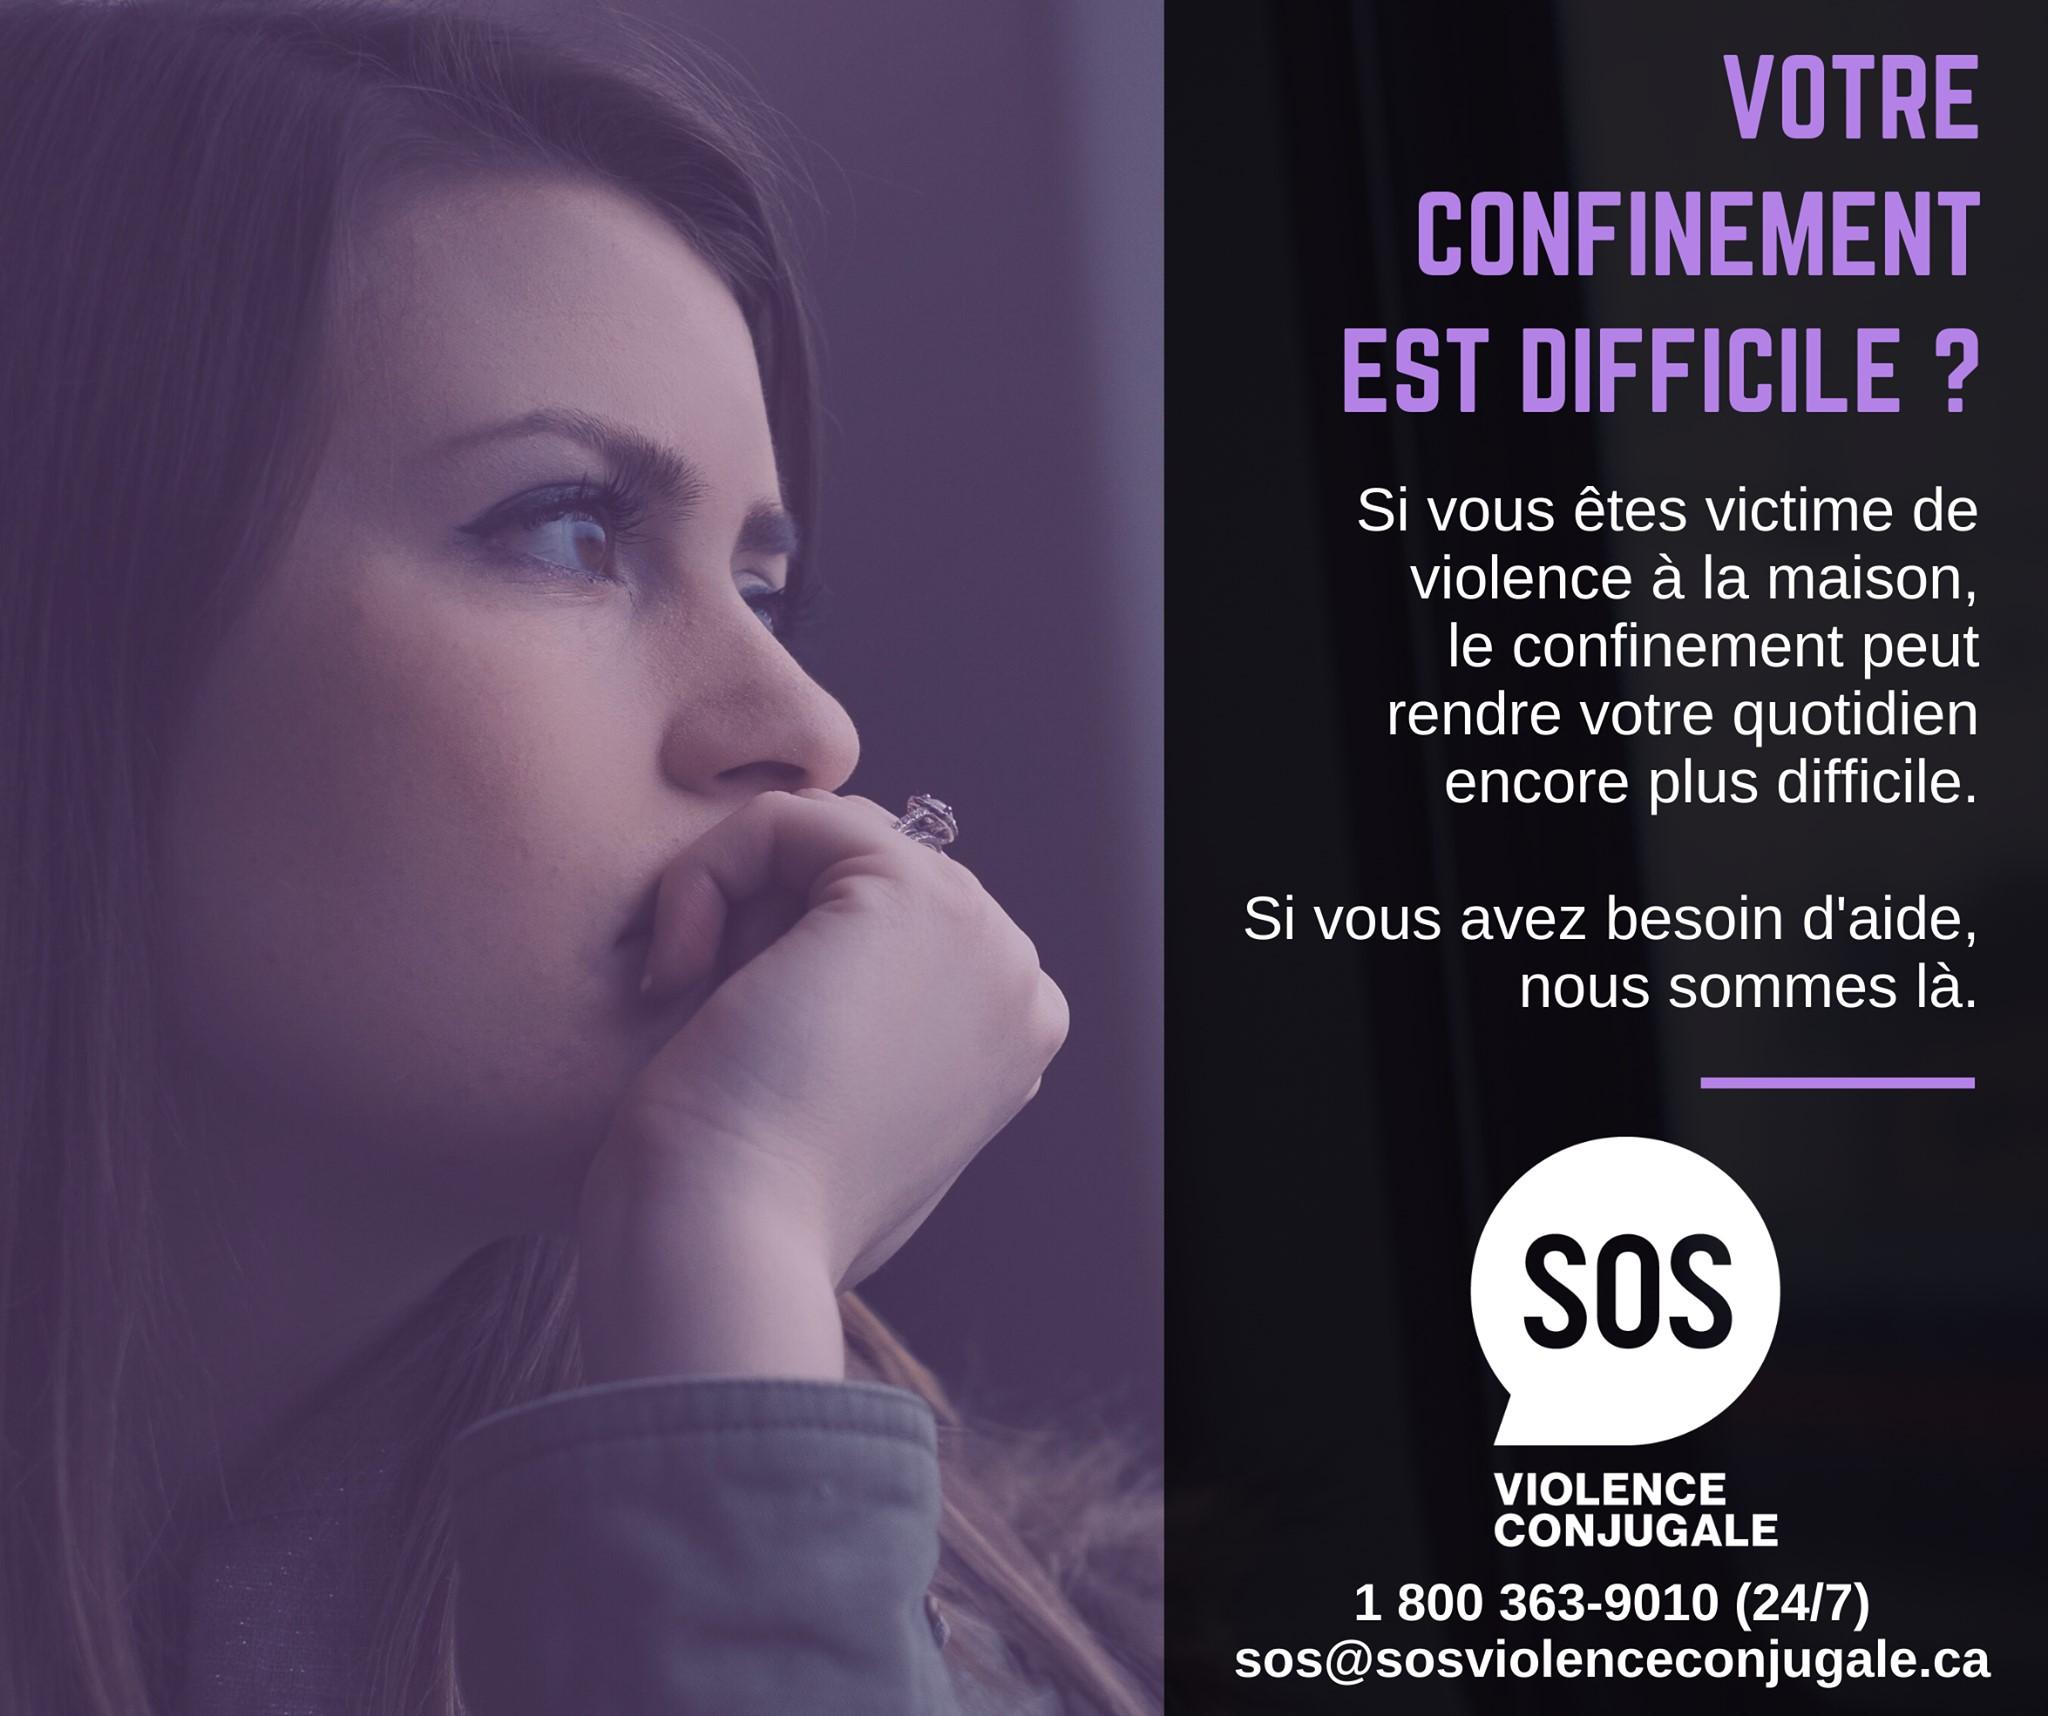 SOS violence conjugale